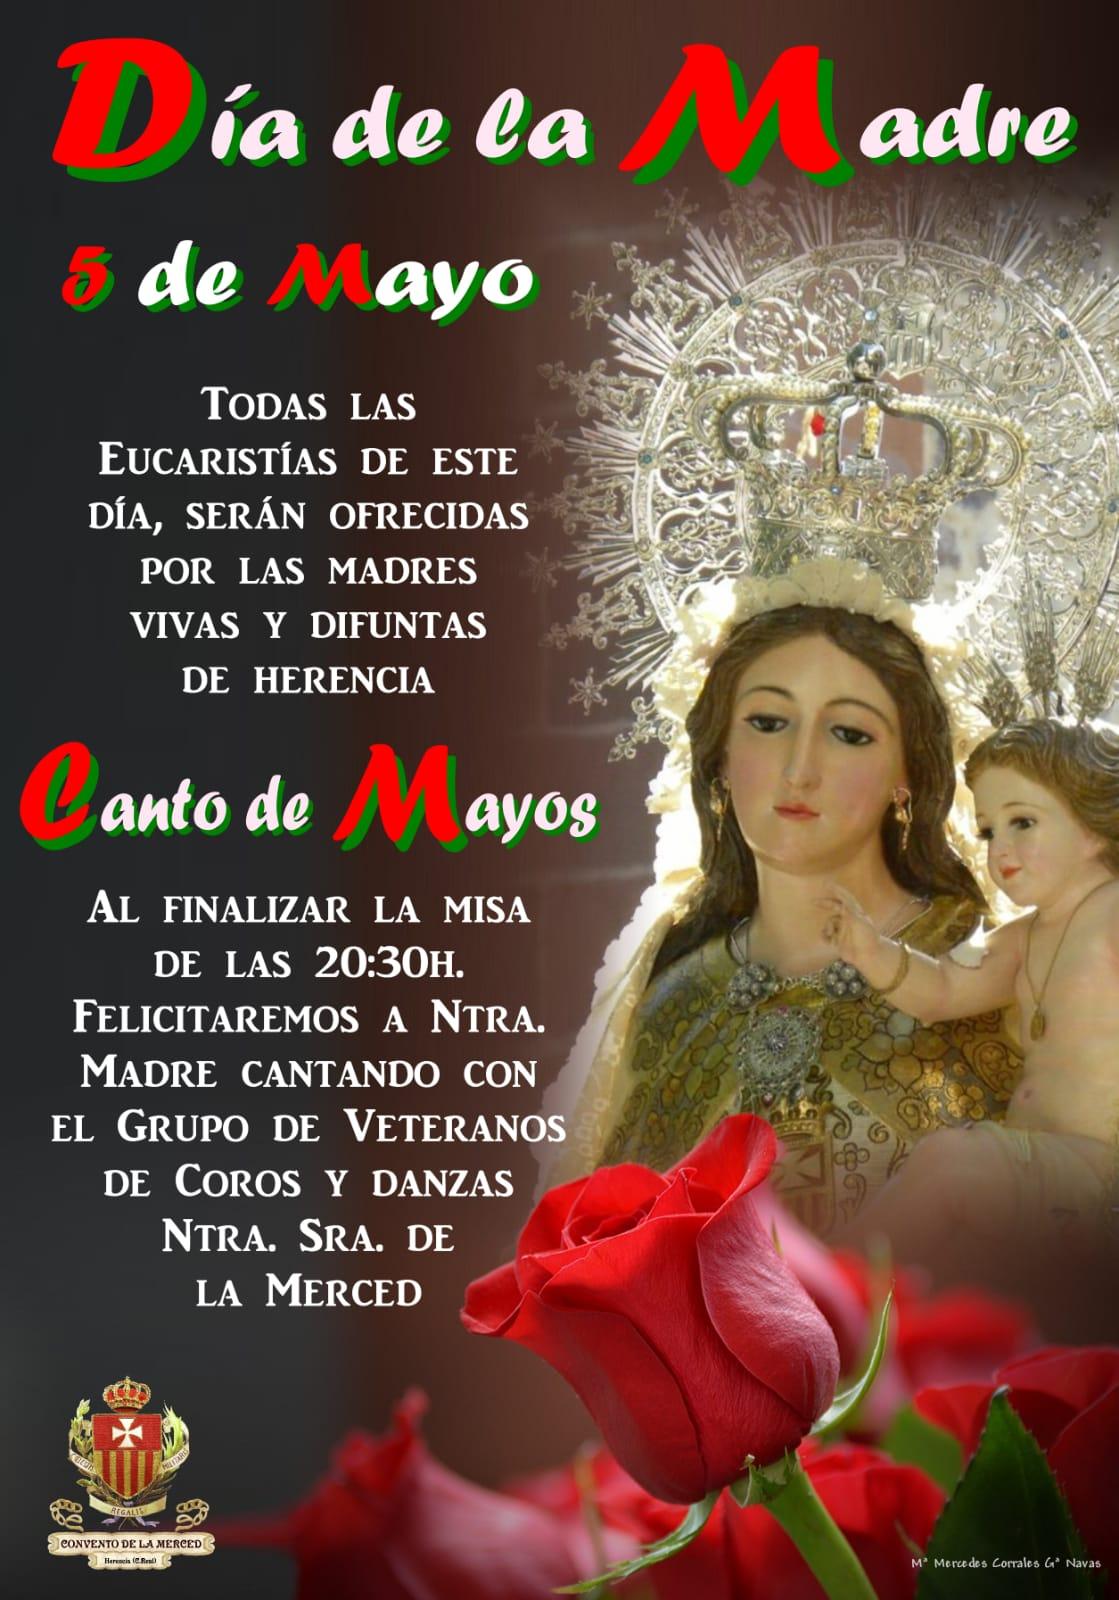 Día de la Madre y Canto de mayos en La Merced - Celebraciones religiosas en la parroquia y el convento con motivo del Día de la Madre